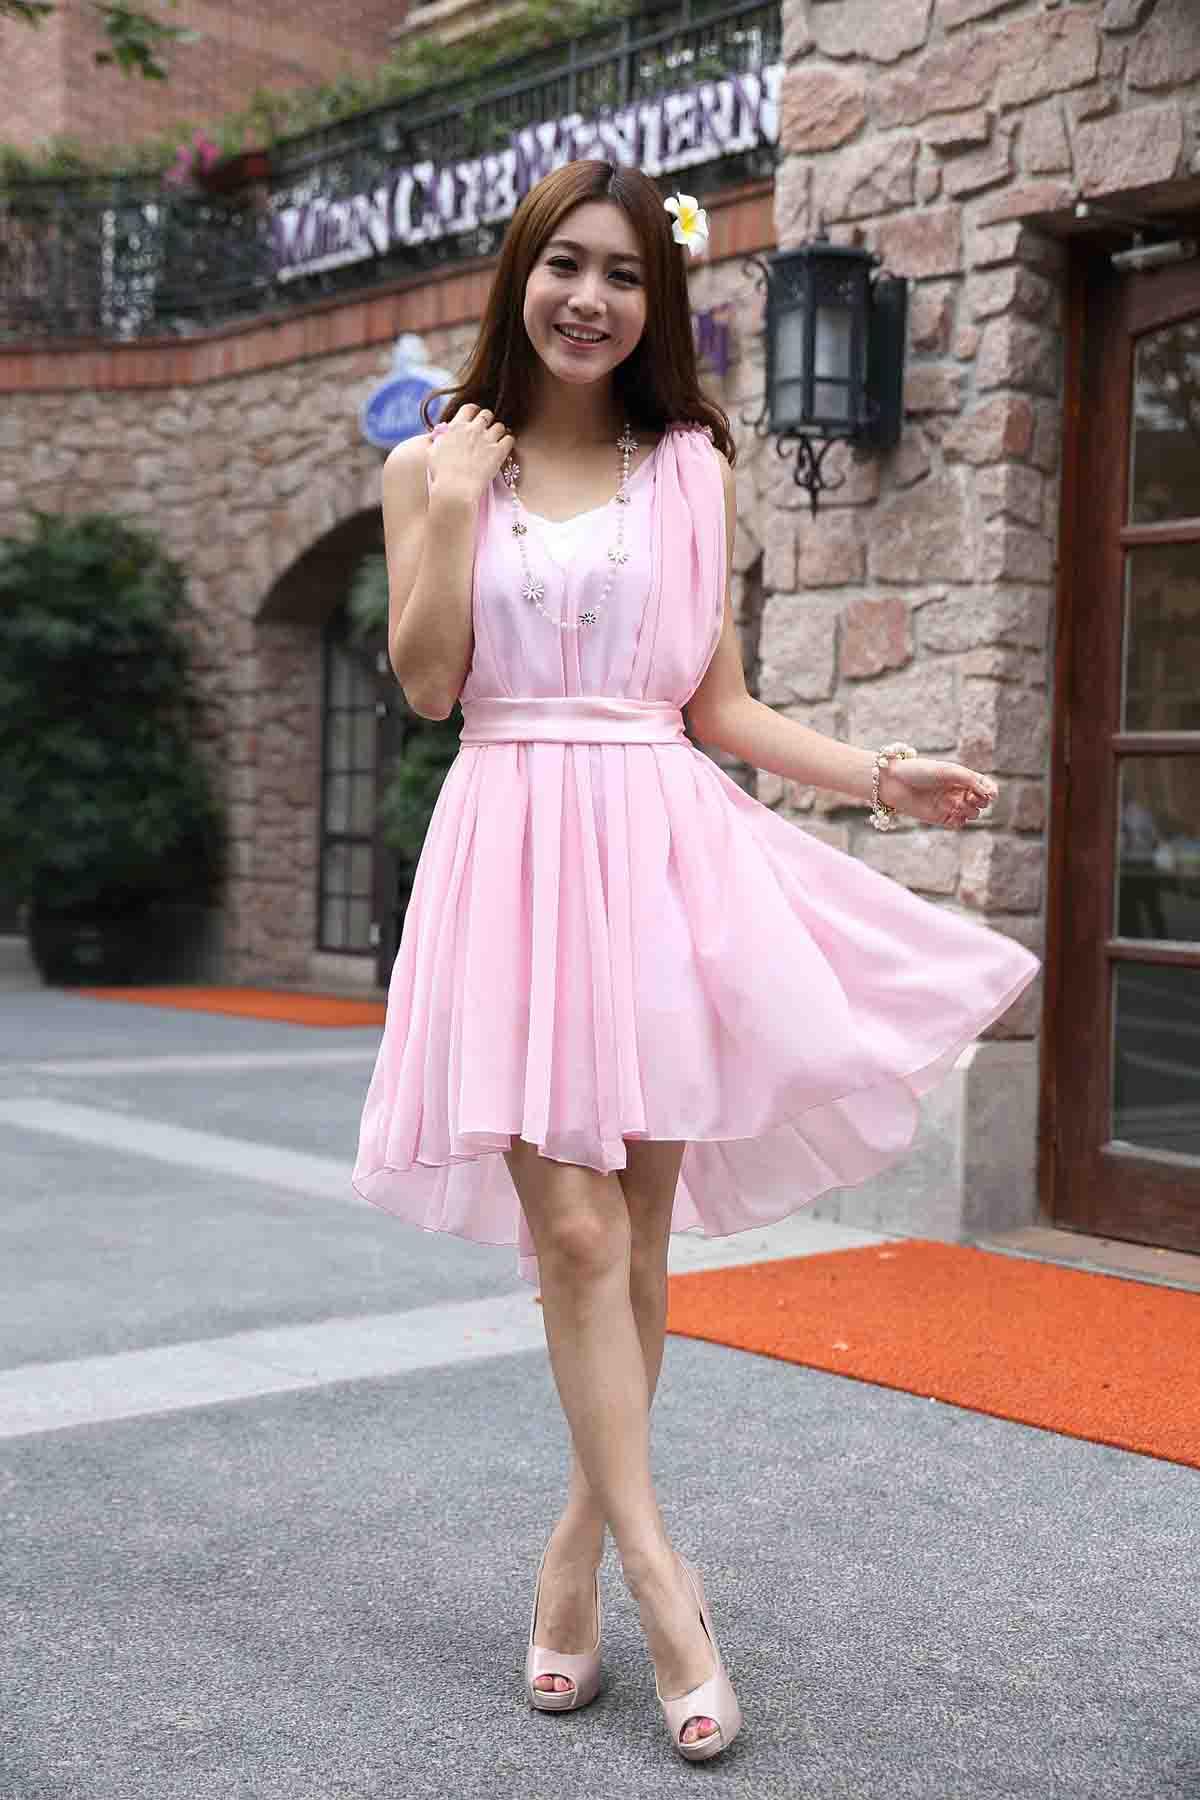 Pastell Kleid Frau